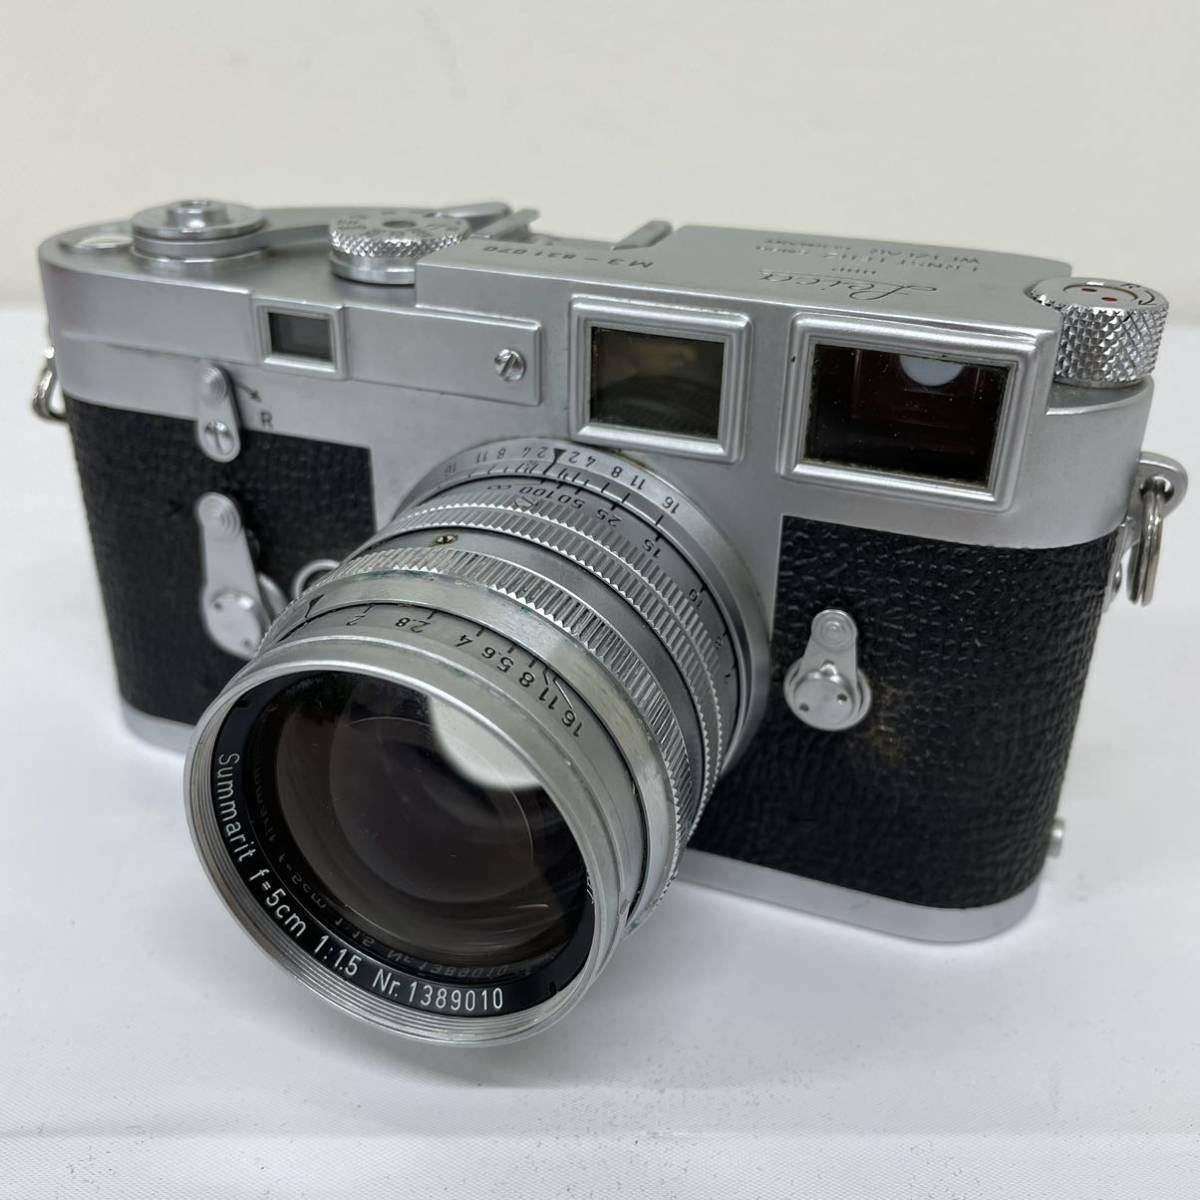 Leica ライカ M3 動作未確認 フィルムカメラ レンジファインダー レンズ summarit f=5cm